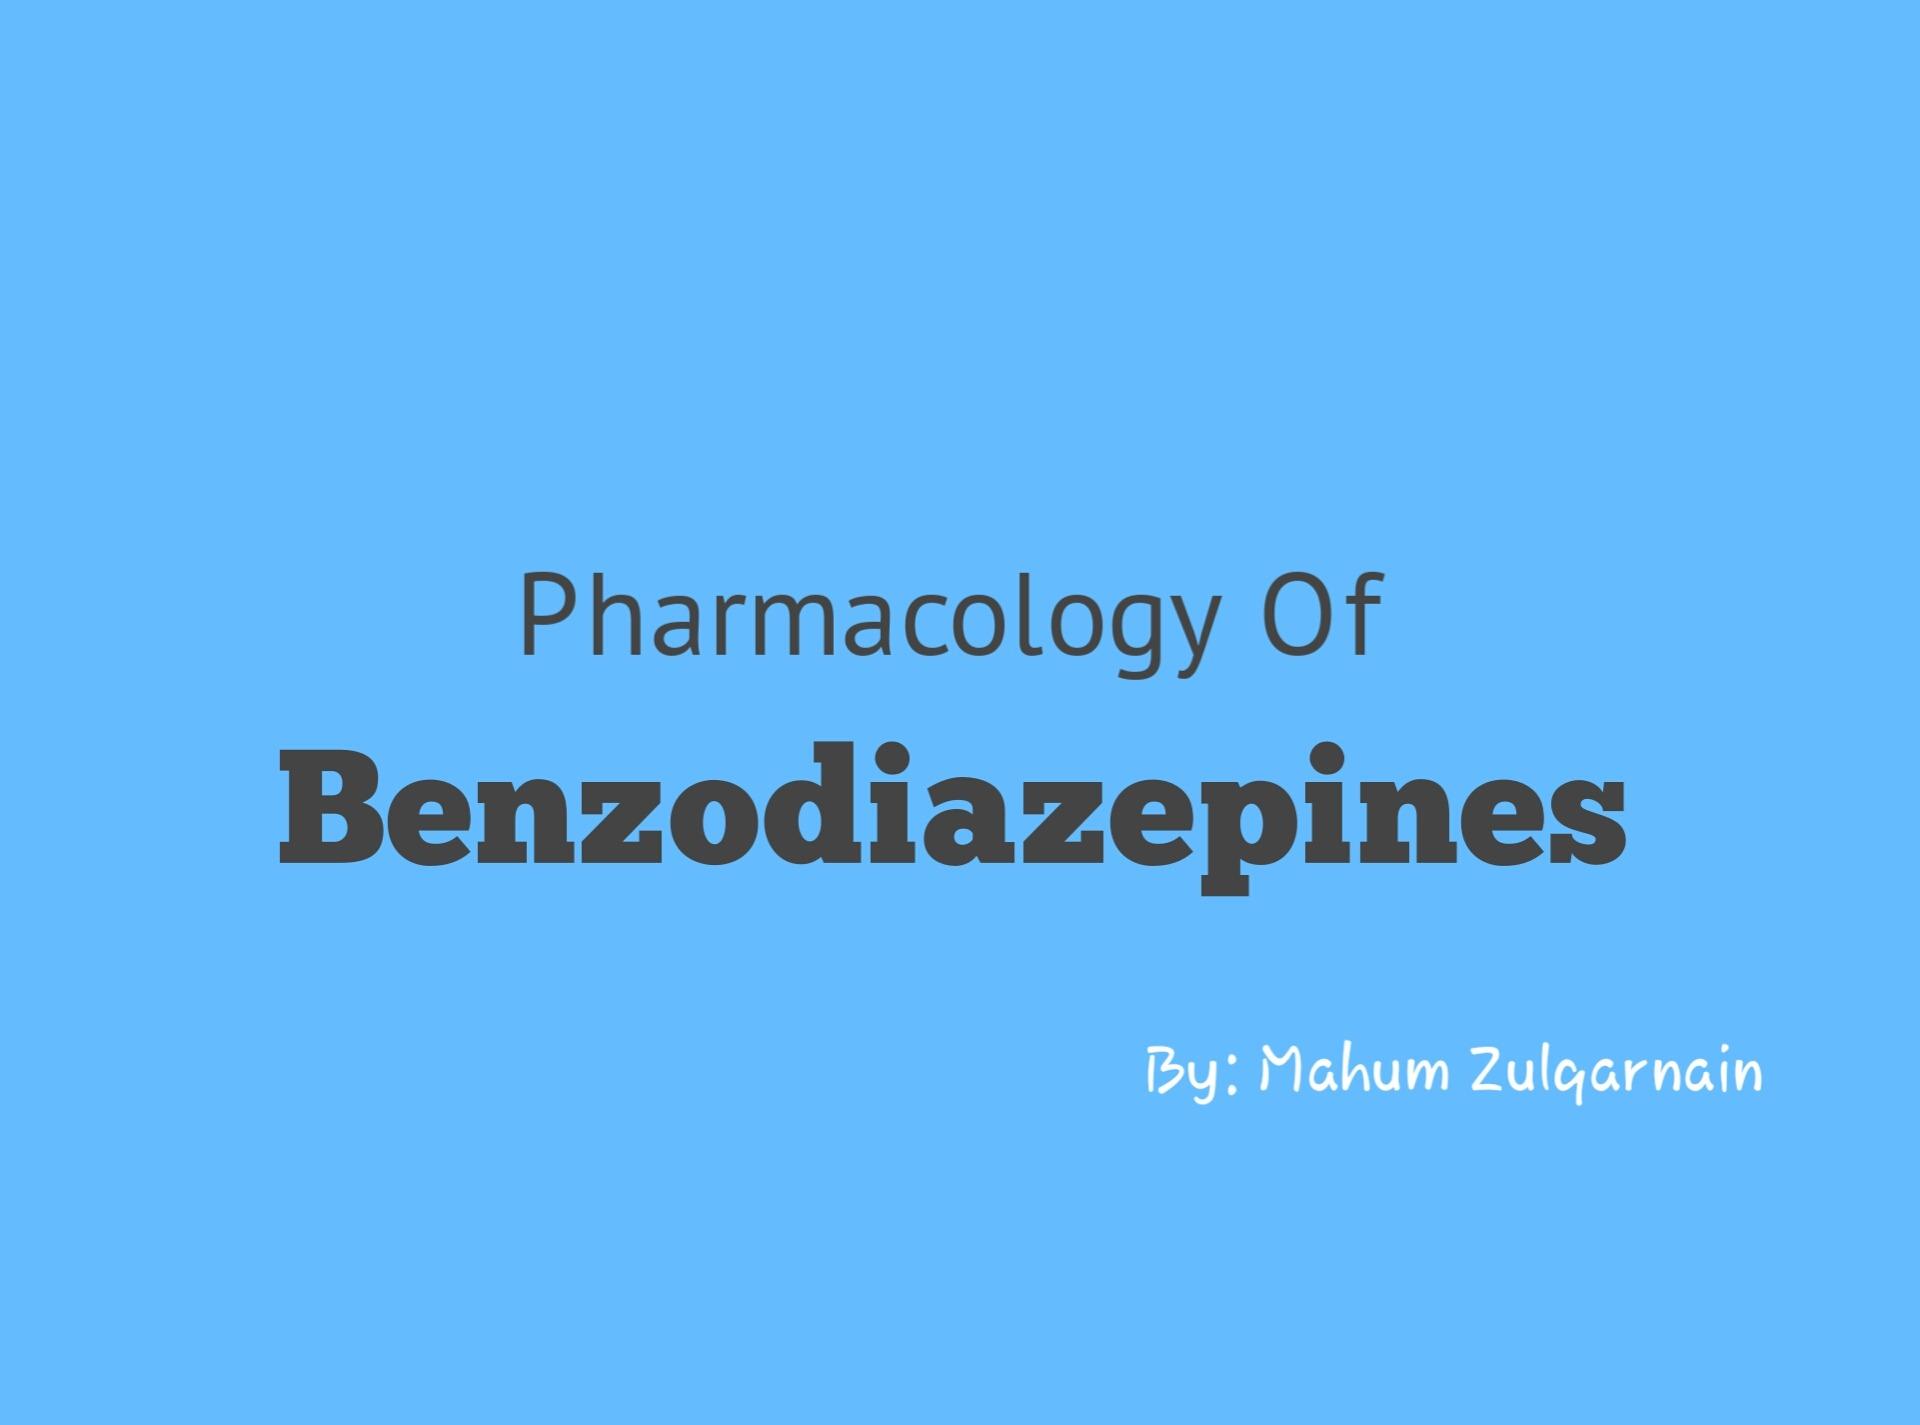 Pharmacology of Benzodiazepines